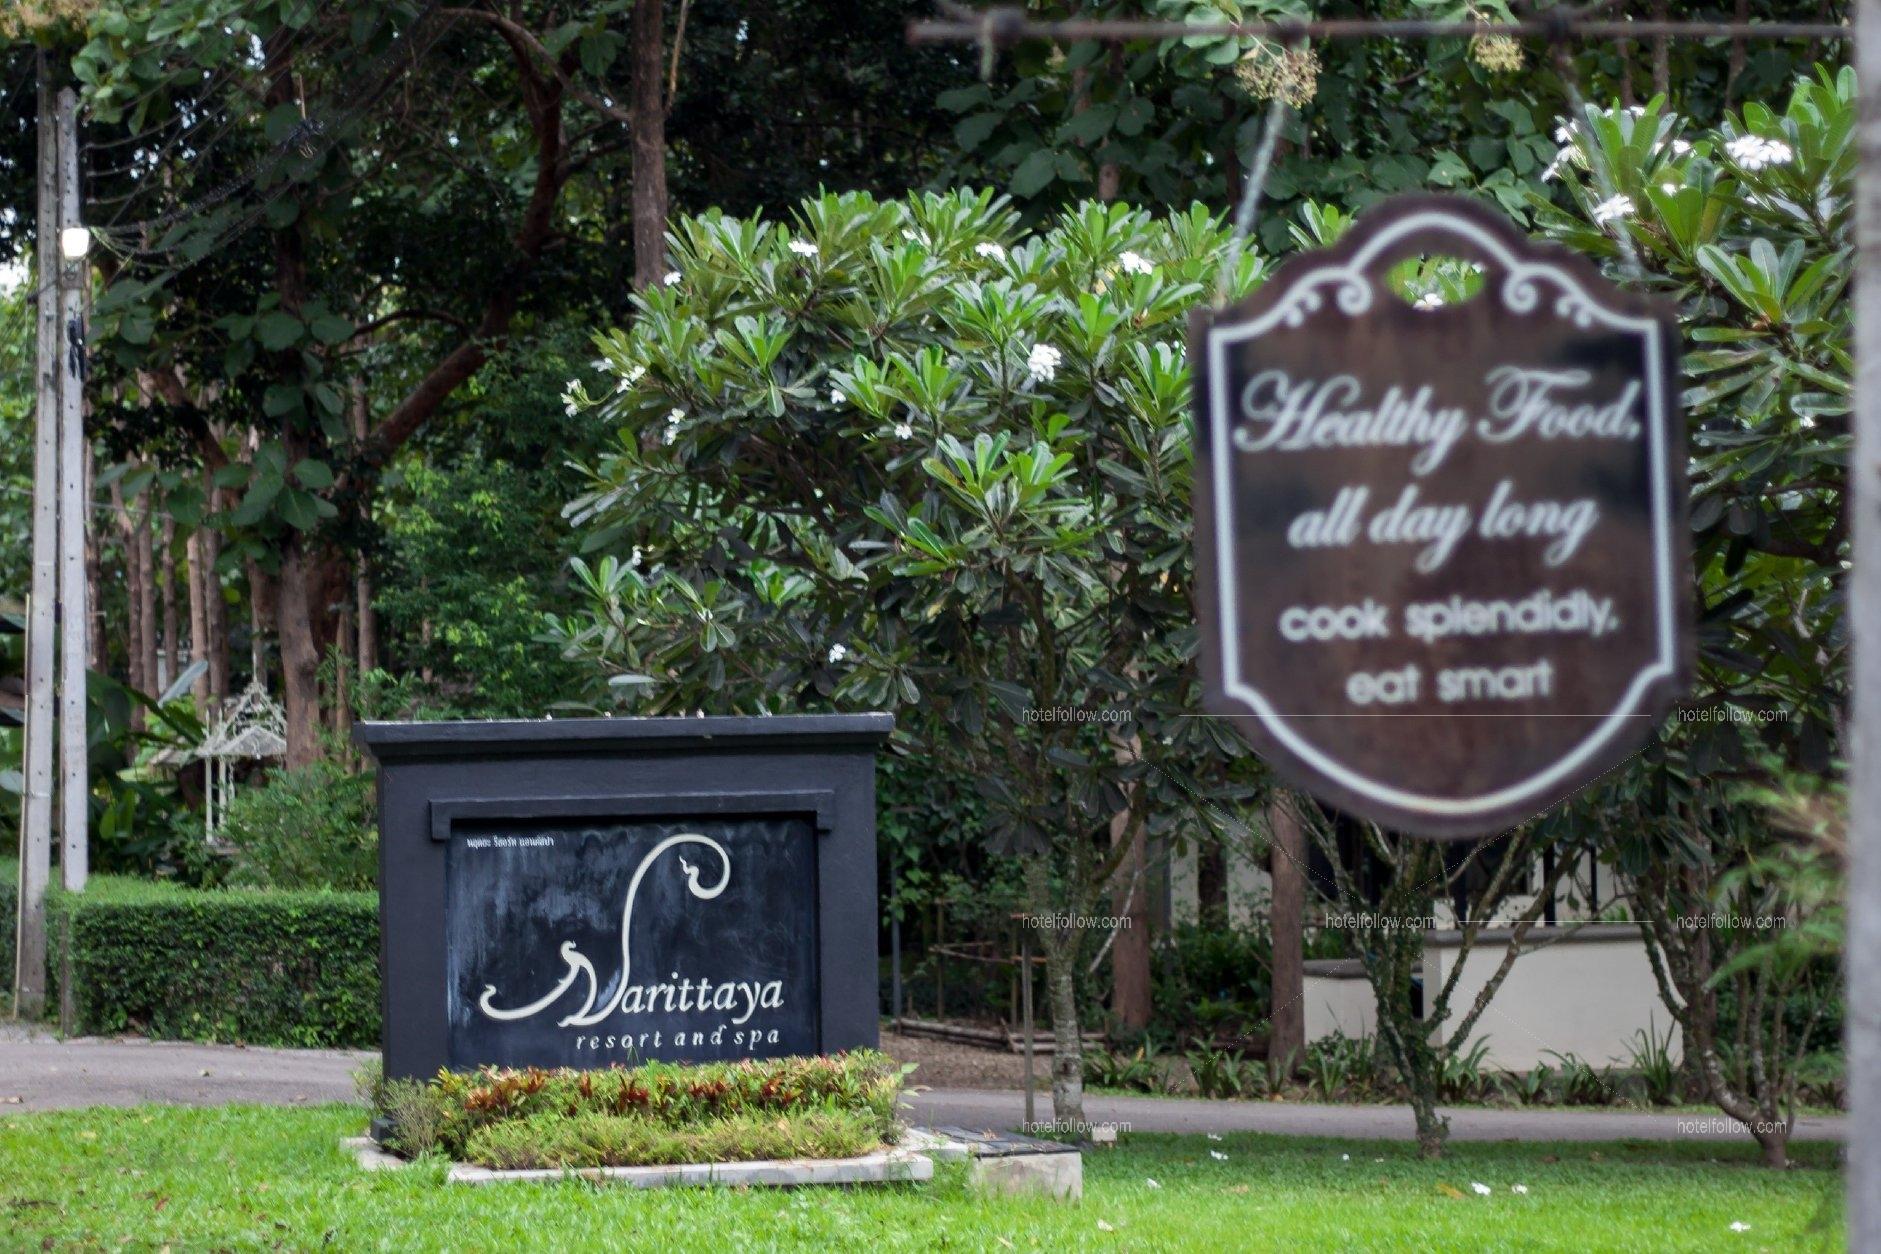 รูปของโรงแรม โรงแรม นฤตยะ รีสอร์ท แอนด์ สปา เชียงใหม่